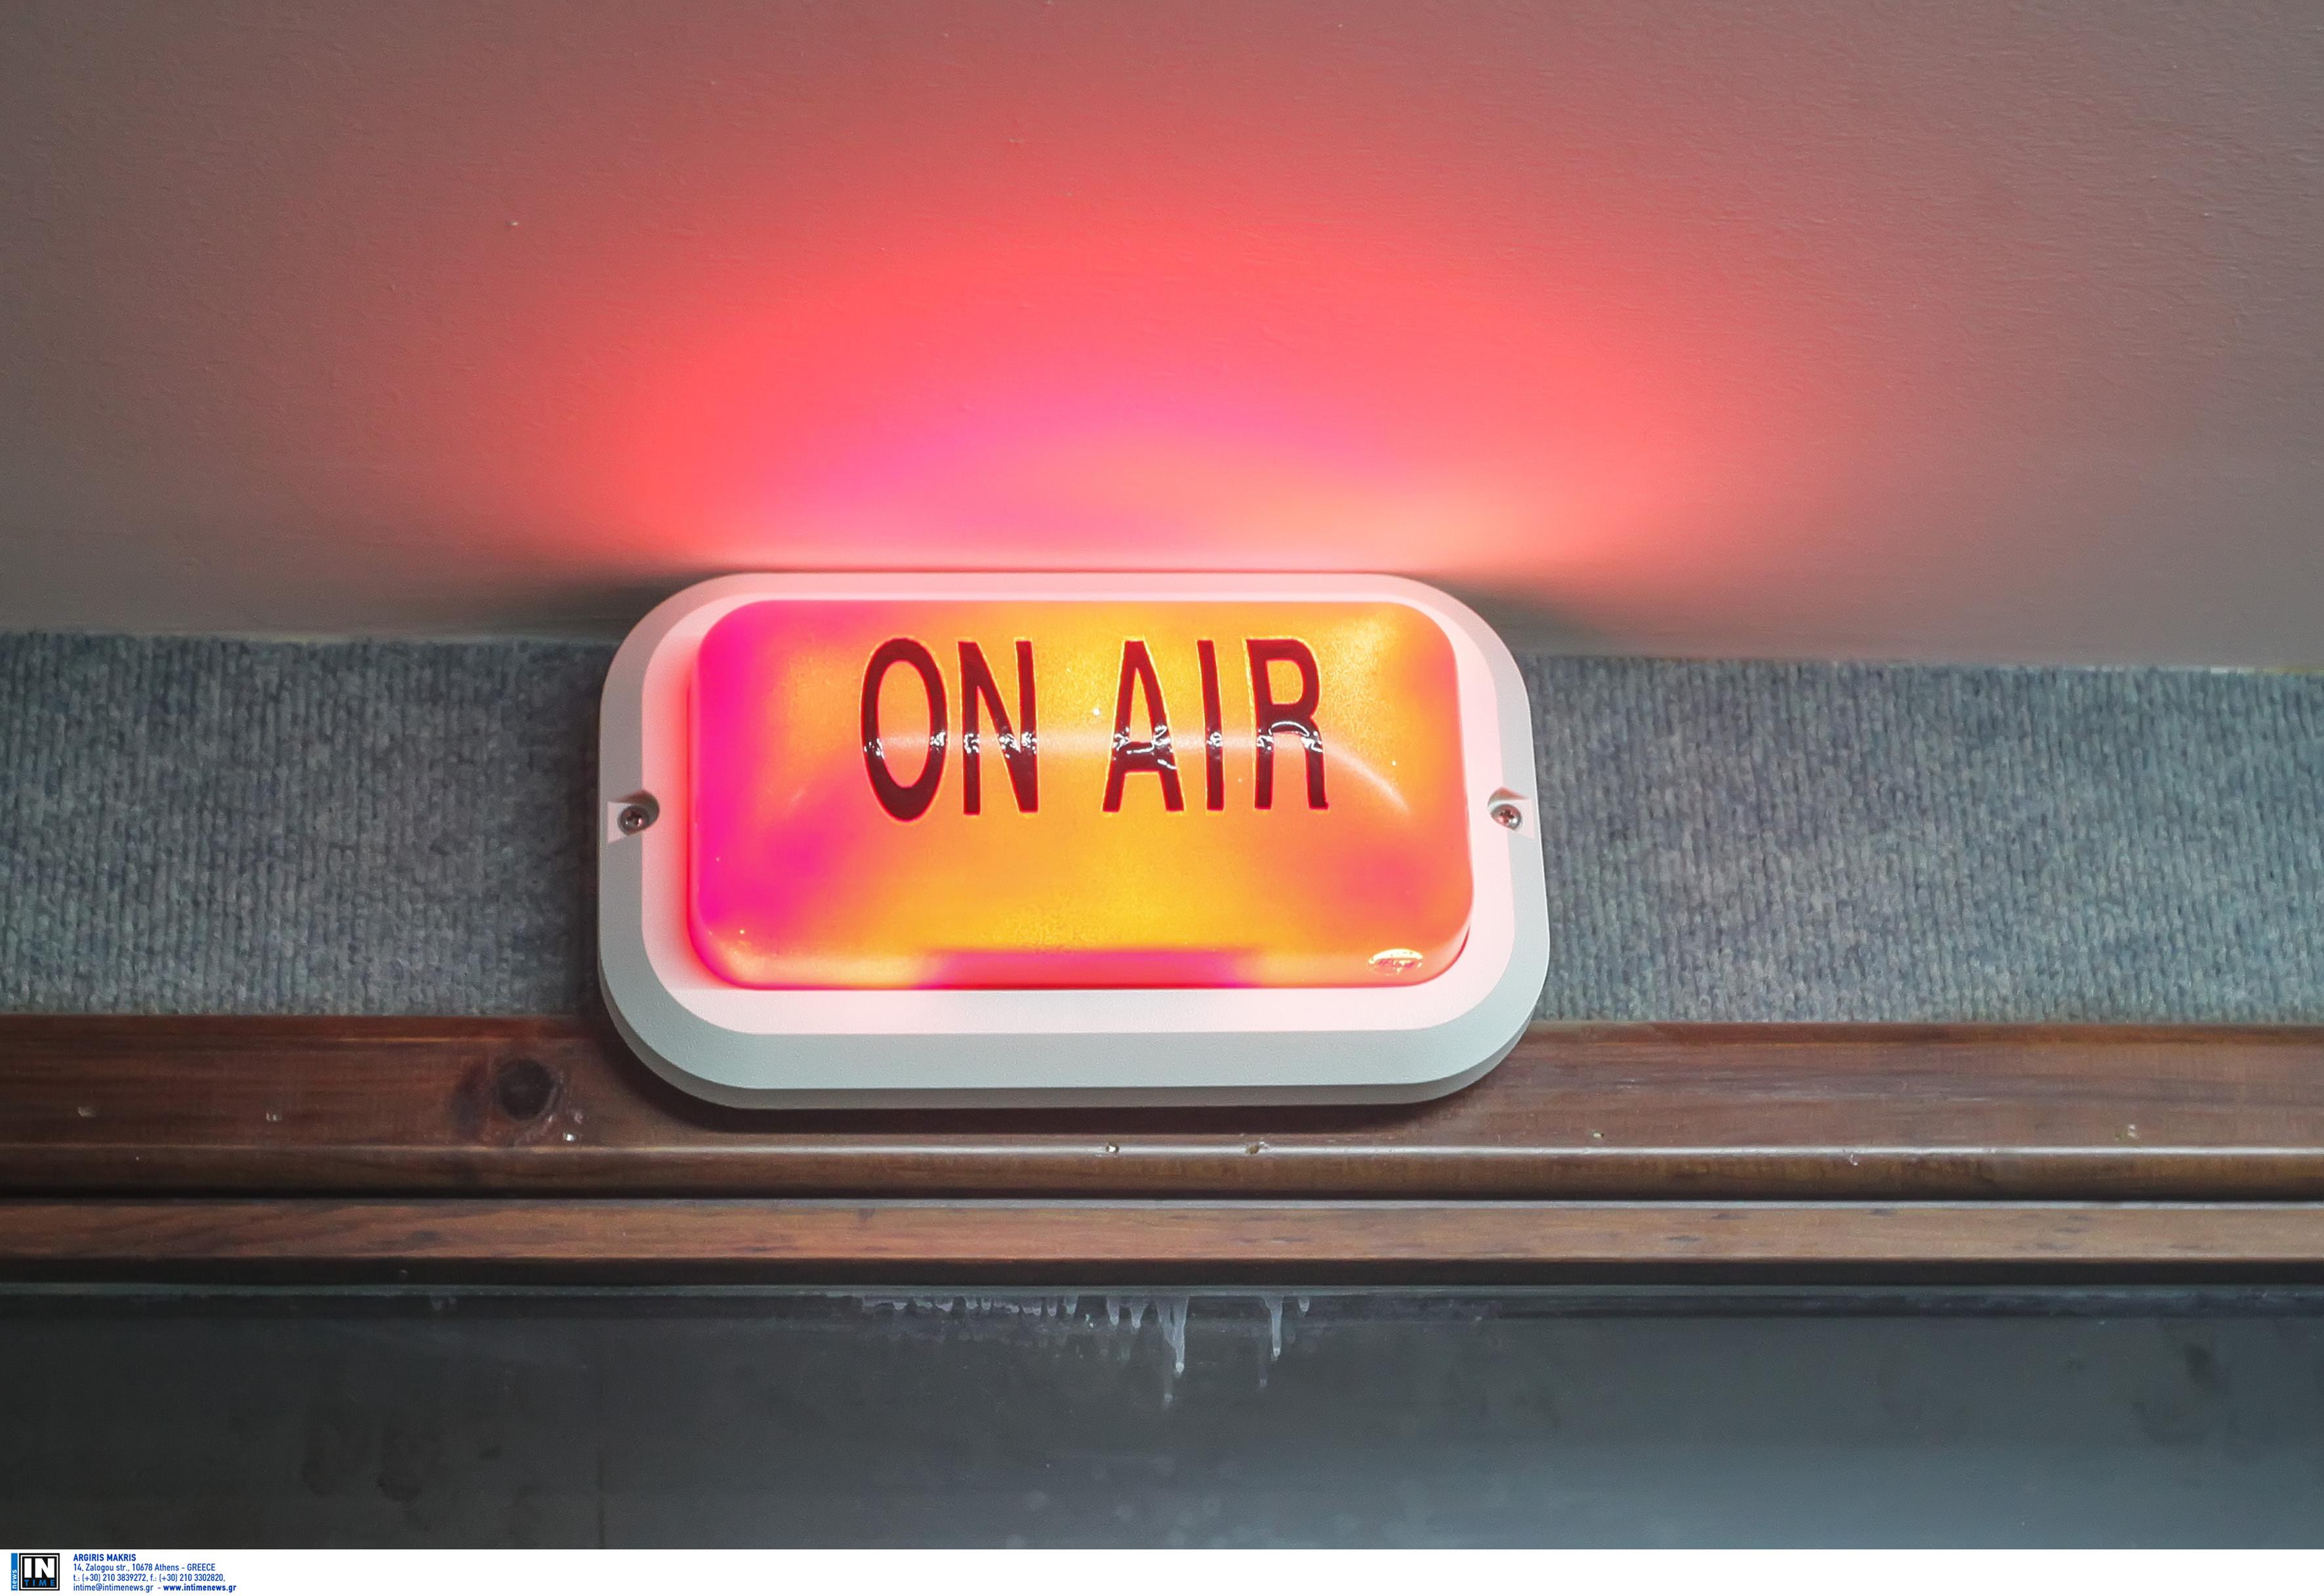 Λαμία: Σπαραγμός για τον θάνατο 46χρονου ραδιοφωνικού παραγωγού! Θλίψη για το πρόωρο τέλος του